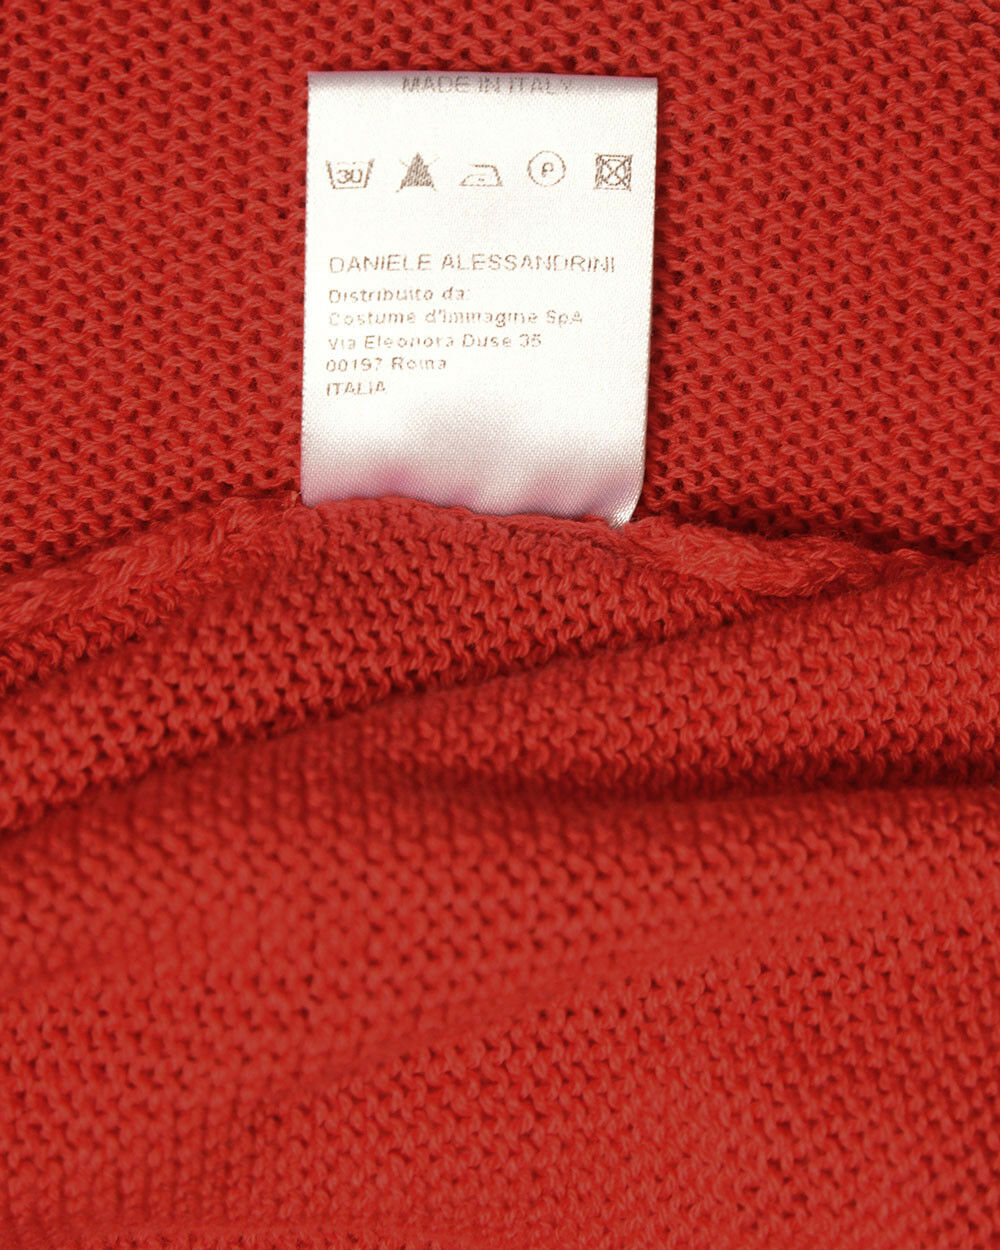 Maglia Daniele Alessandrini Sweater Cotone MADE MADE MADE IN ITALY Uomo Rosso FMCL73701 9 298c84